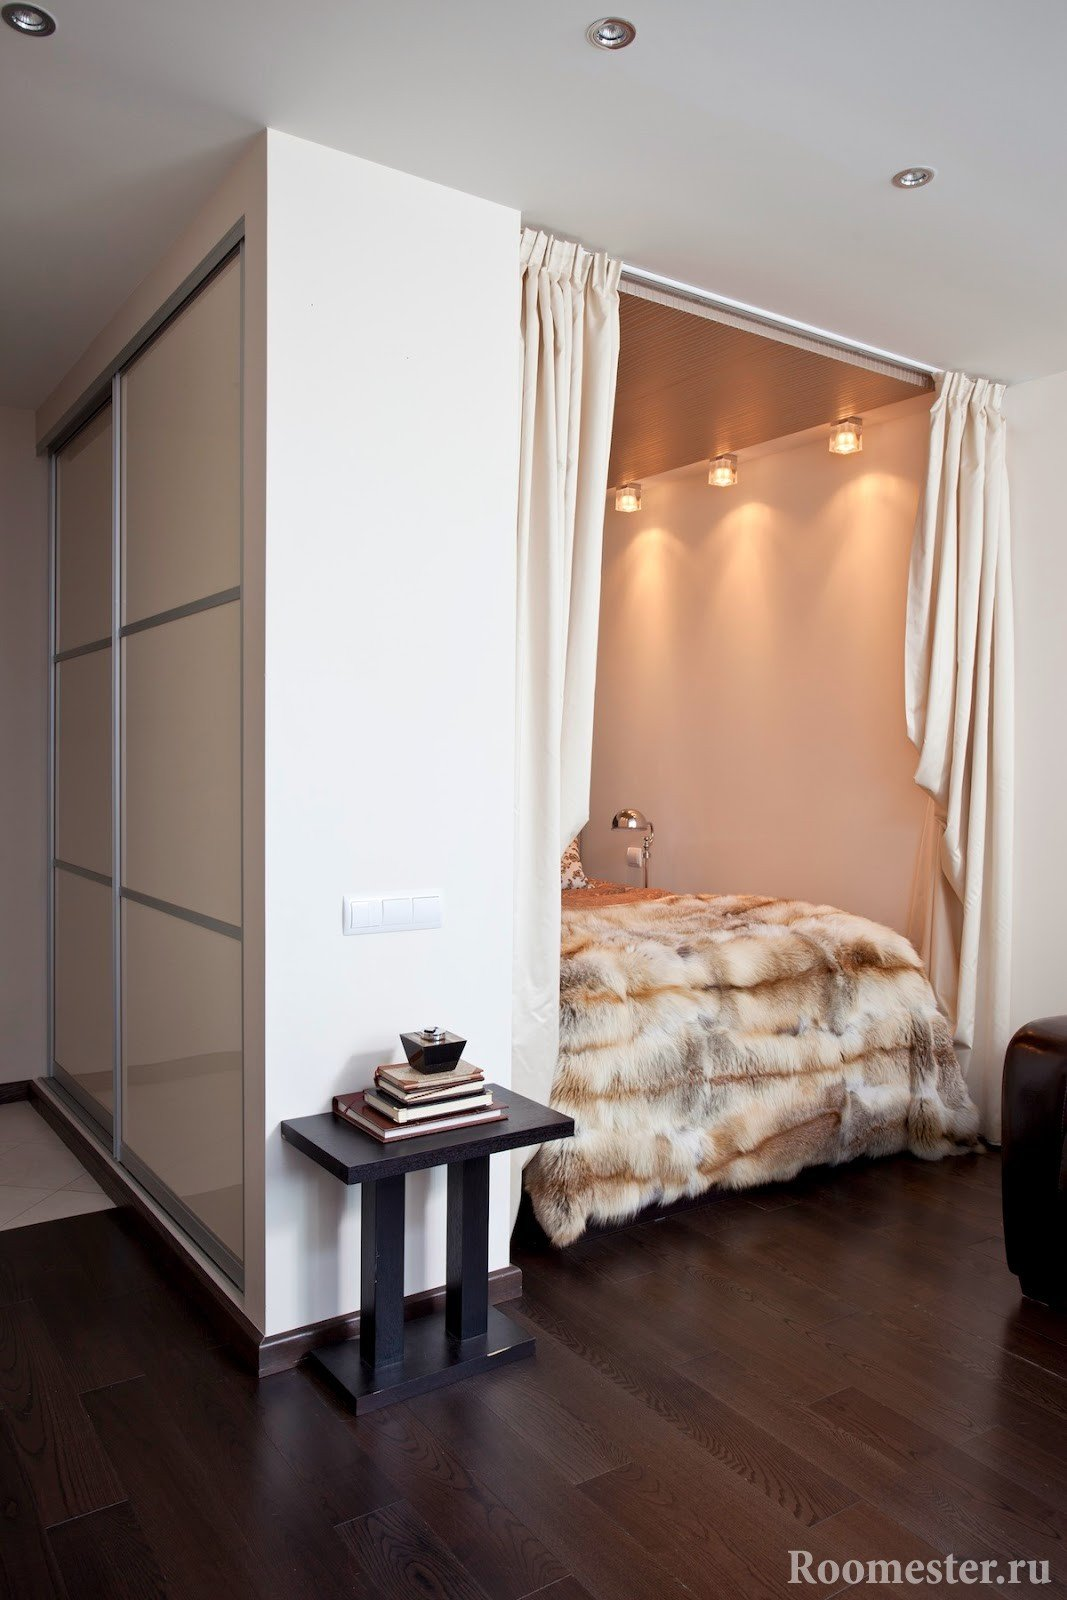 Ниша позволяет создать интимную зону в квартире